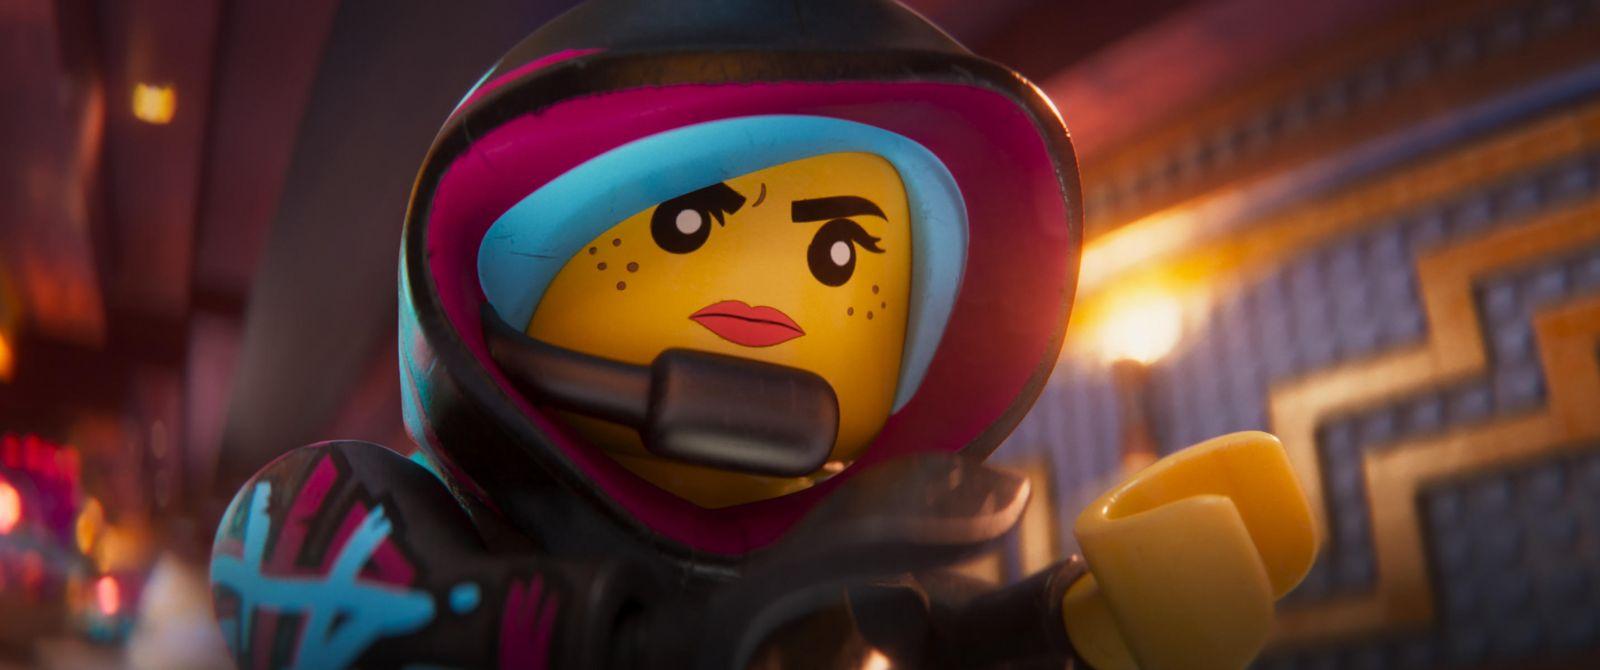 Кадр из мультфильма «Лего. Фильм-2»